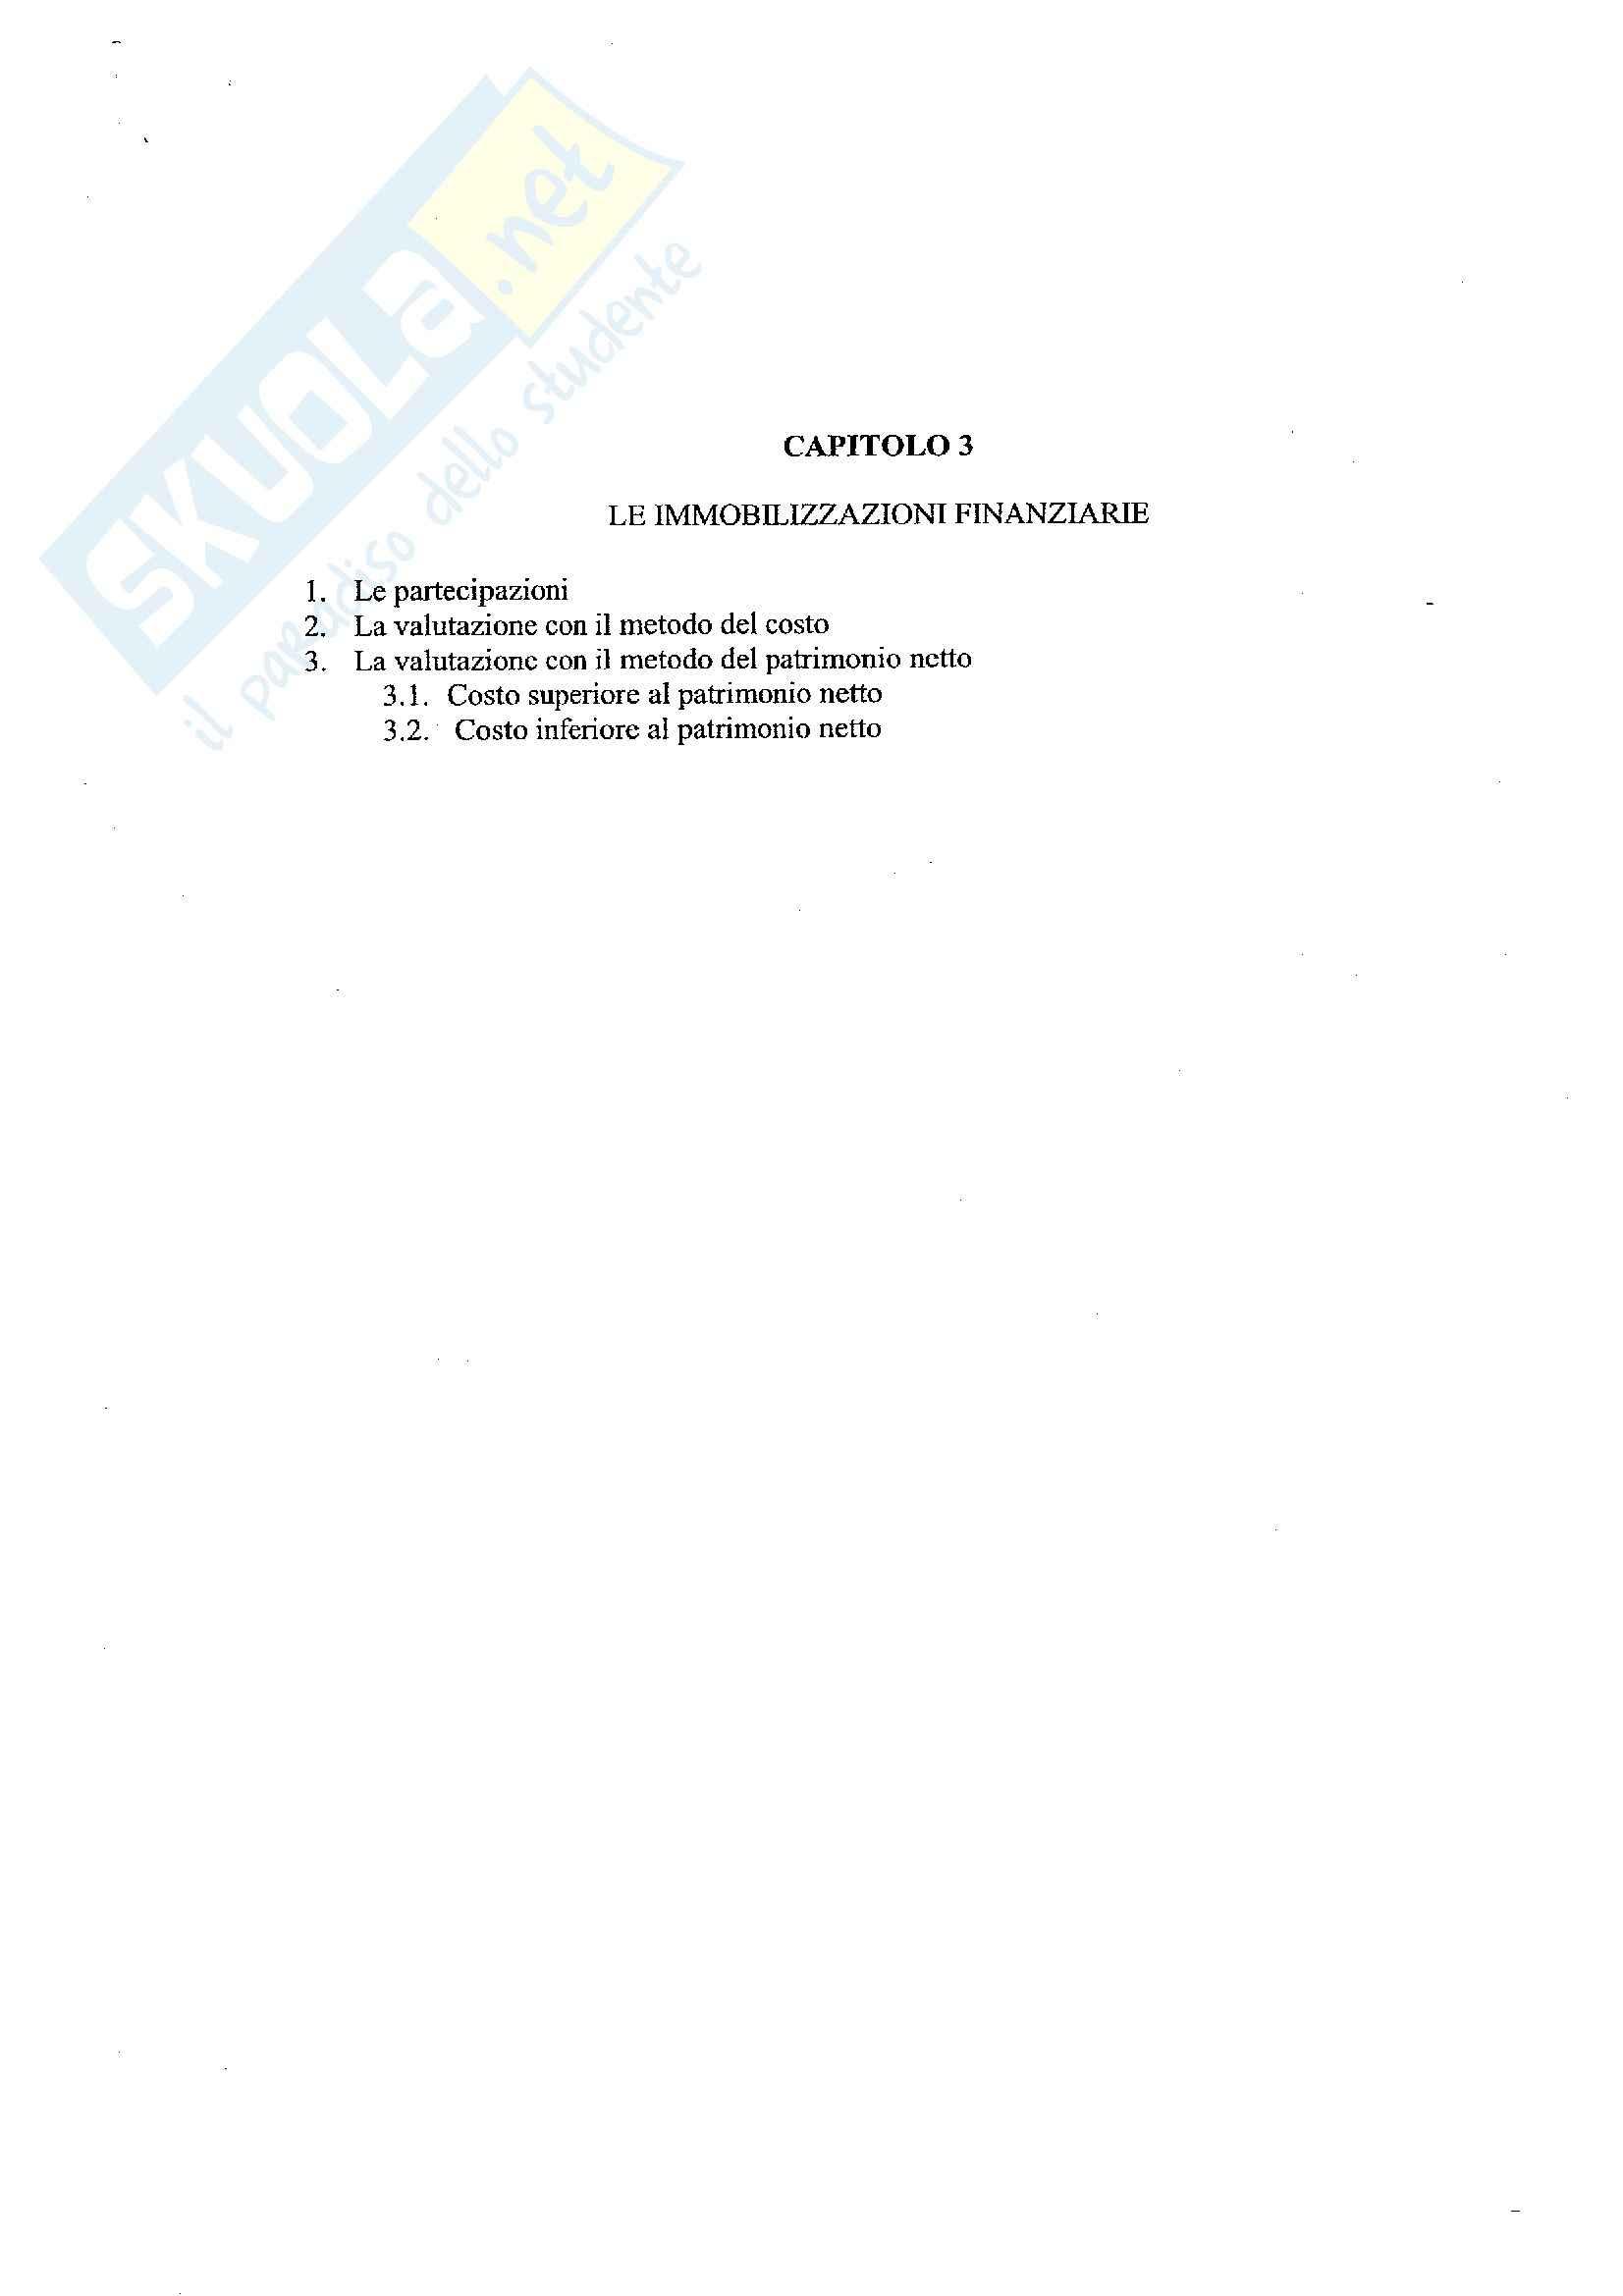 Economia aziendale II - Contabilità cap. 3 - Appunti